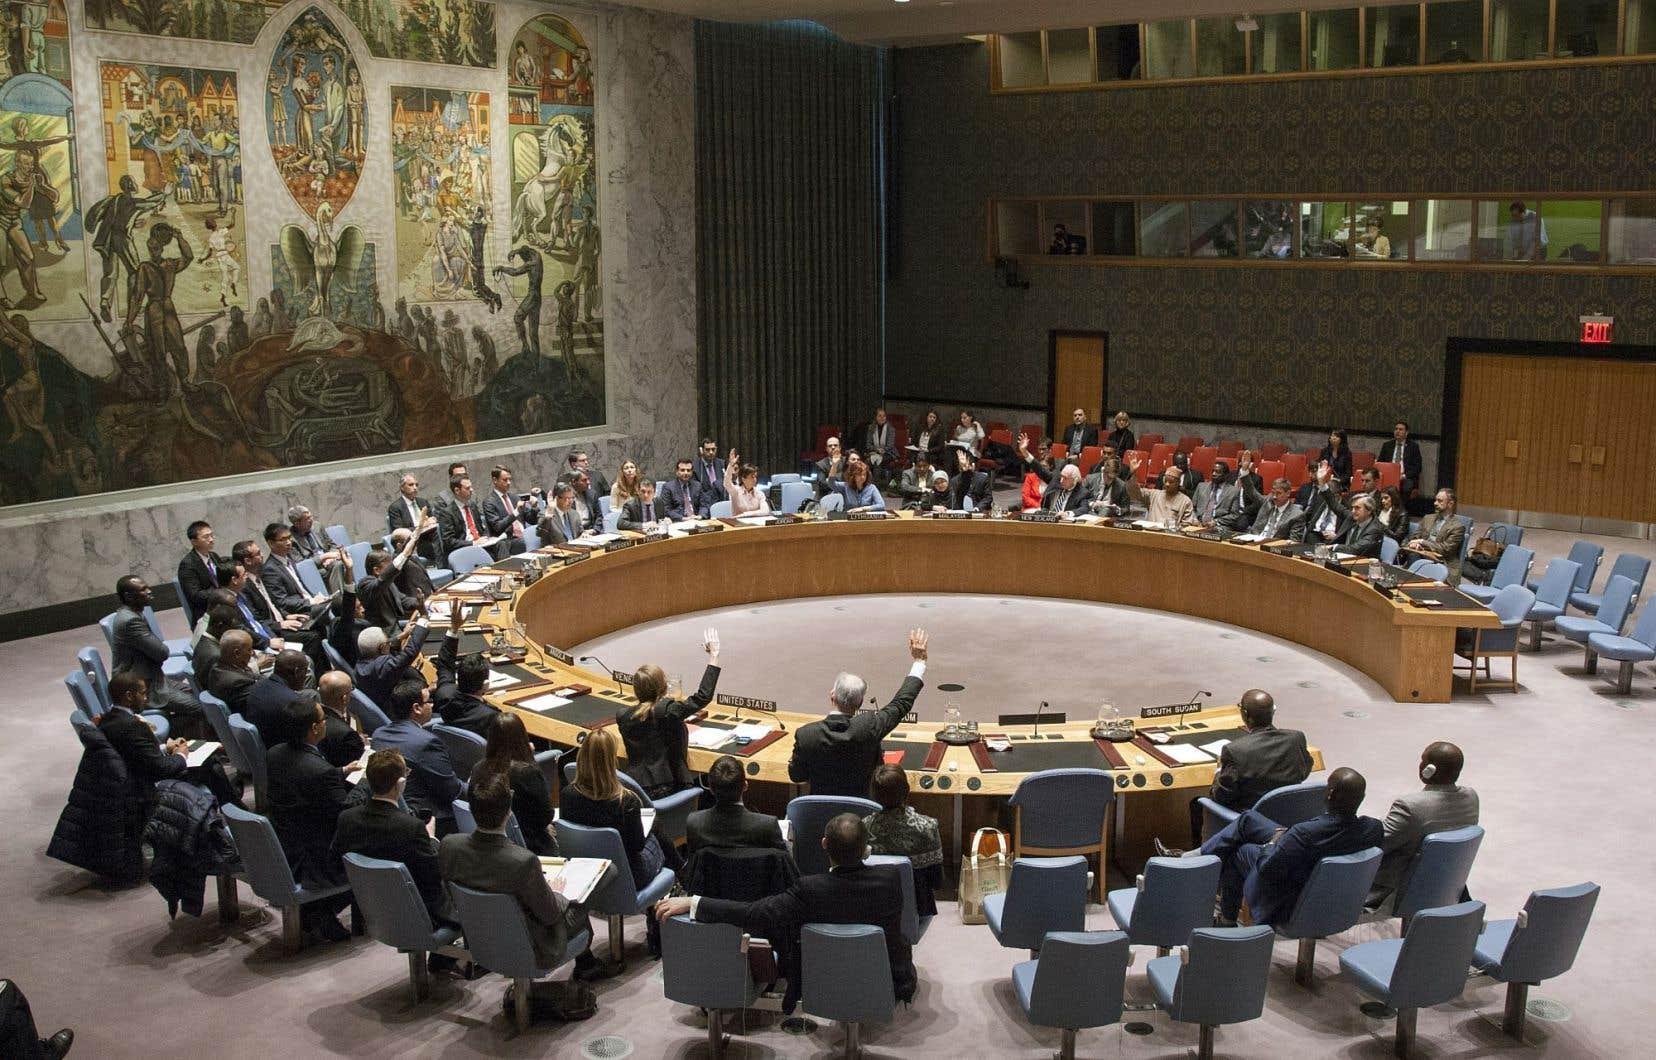 Selon Georges Paquet, le Conseil de sécurité de l'ONU doit impérativement devenir plus représentatif de la géopolitique contemporaine.